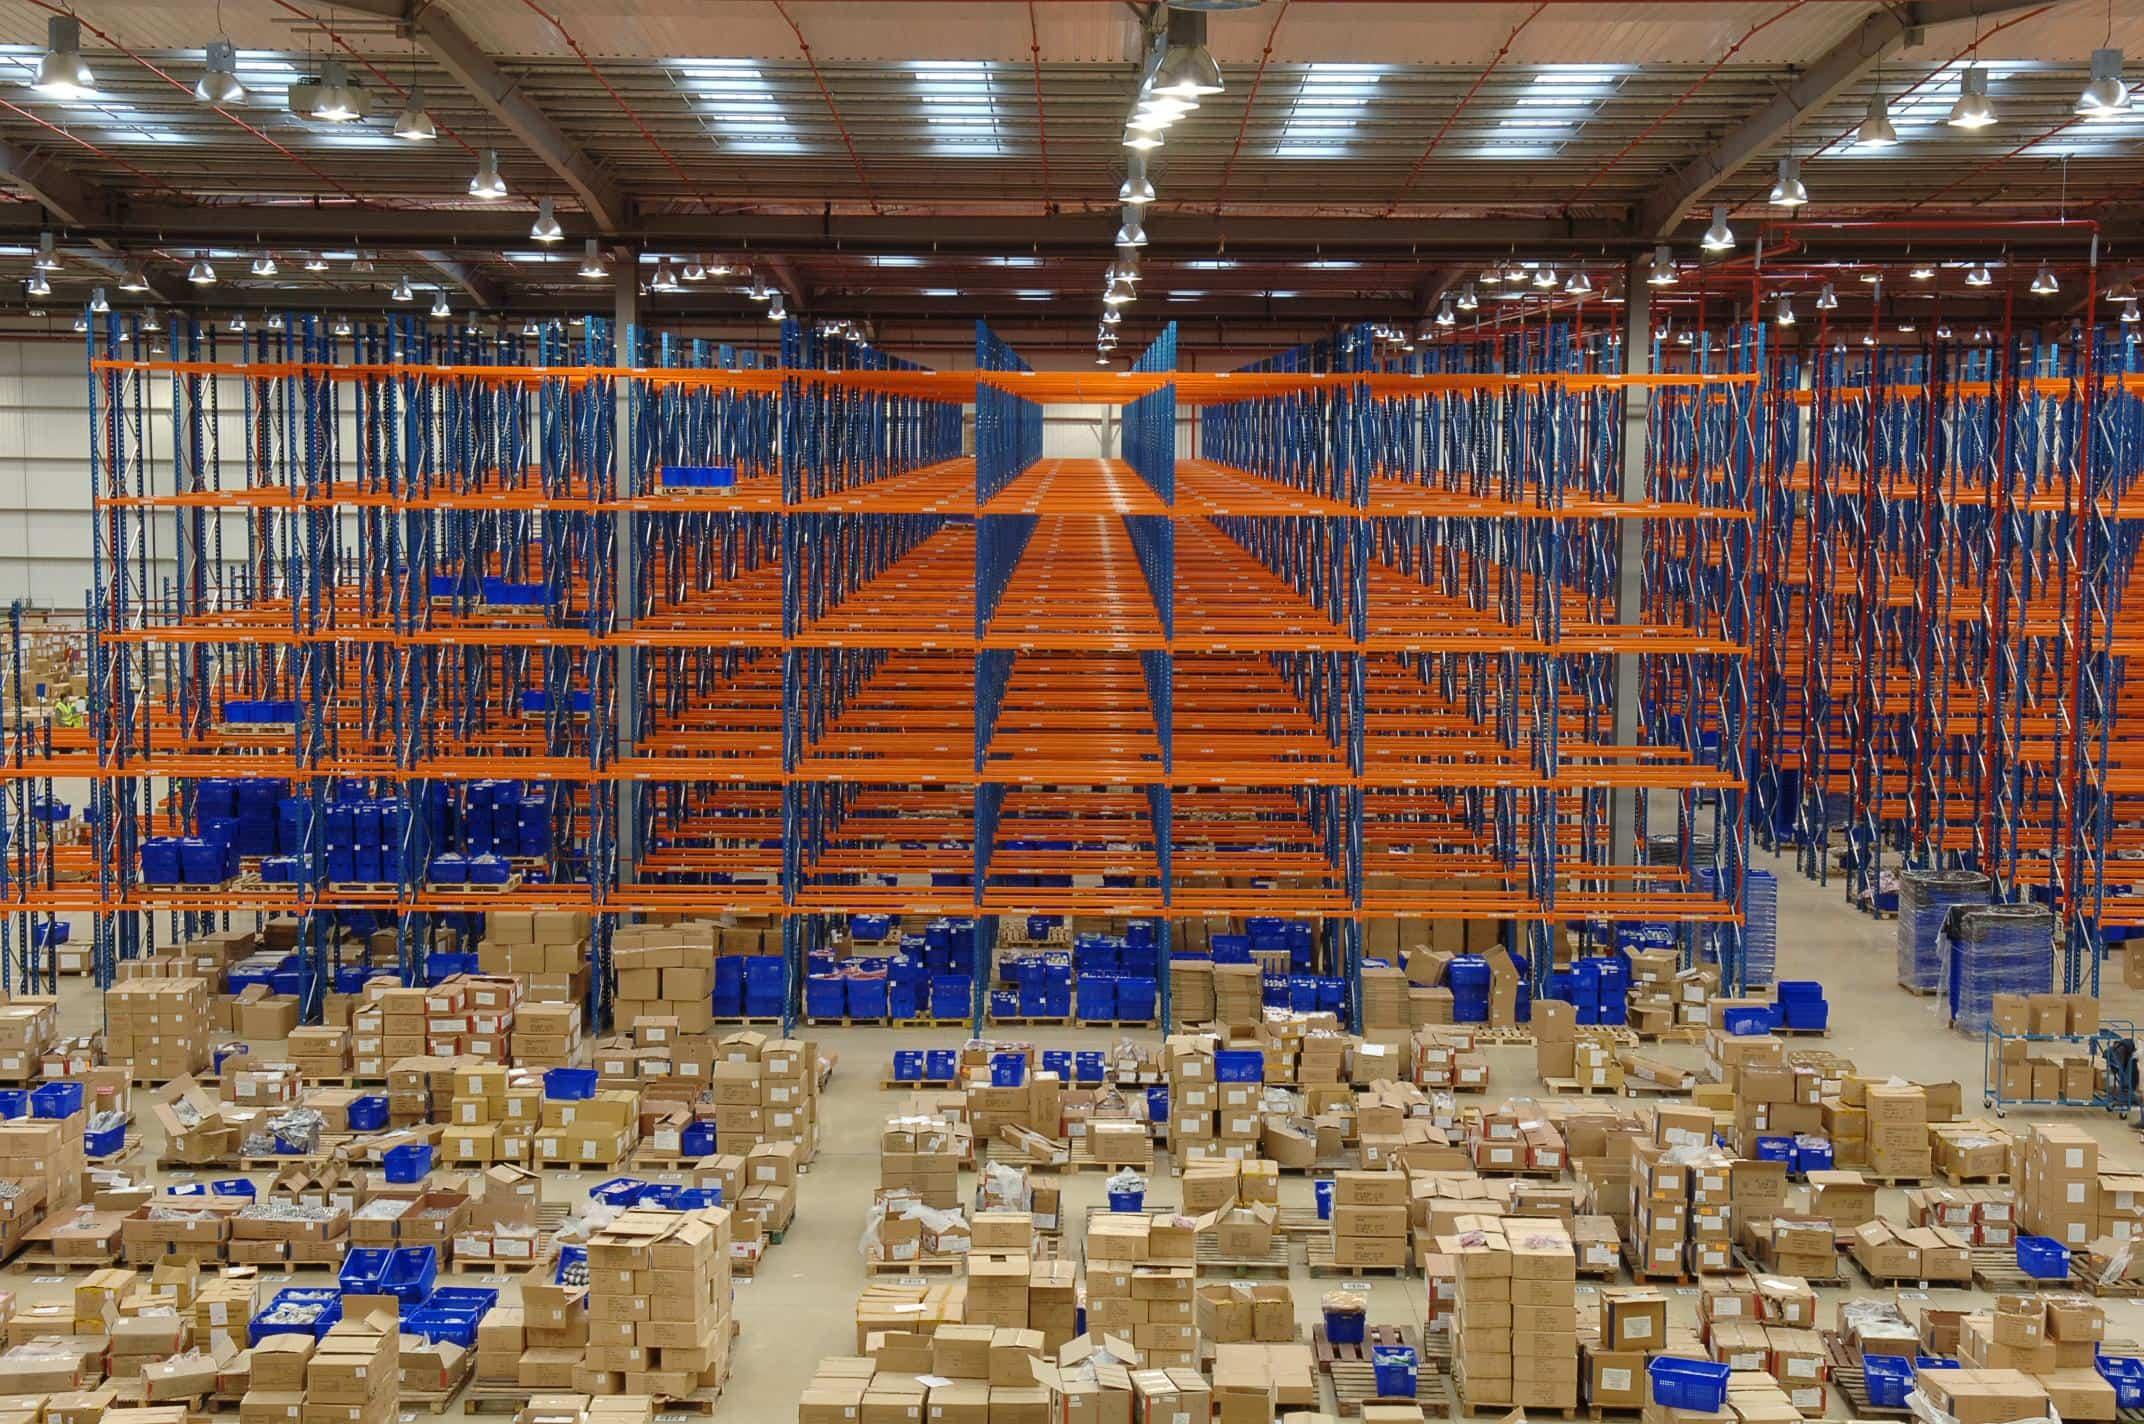 【物流案例】亞馬遜:十大物流技術玩轉物流大數據